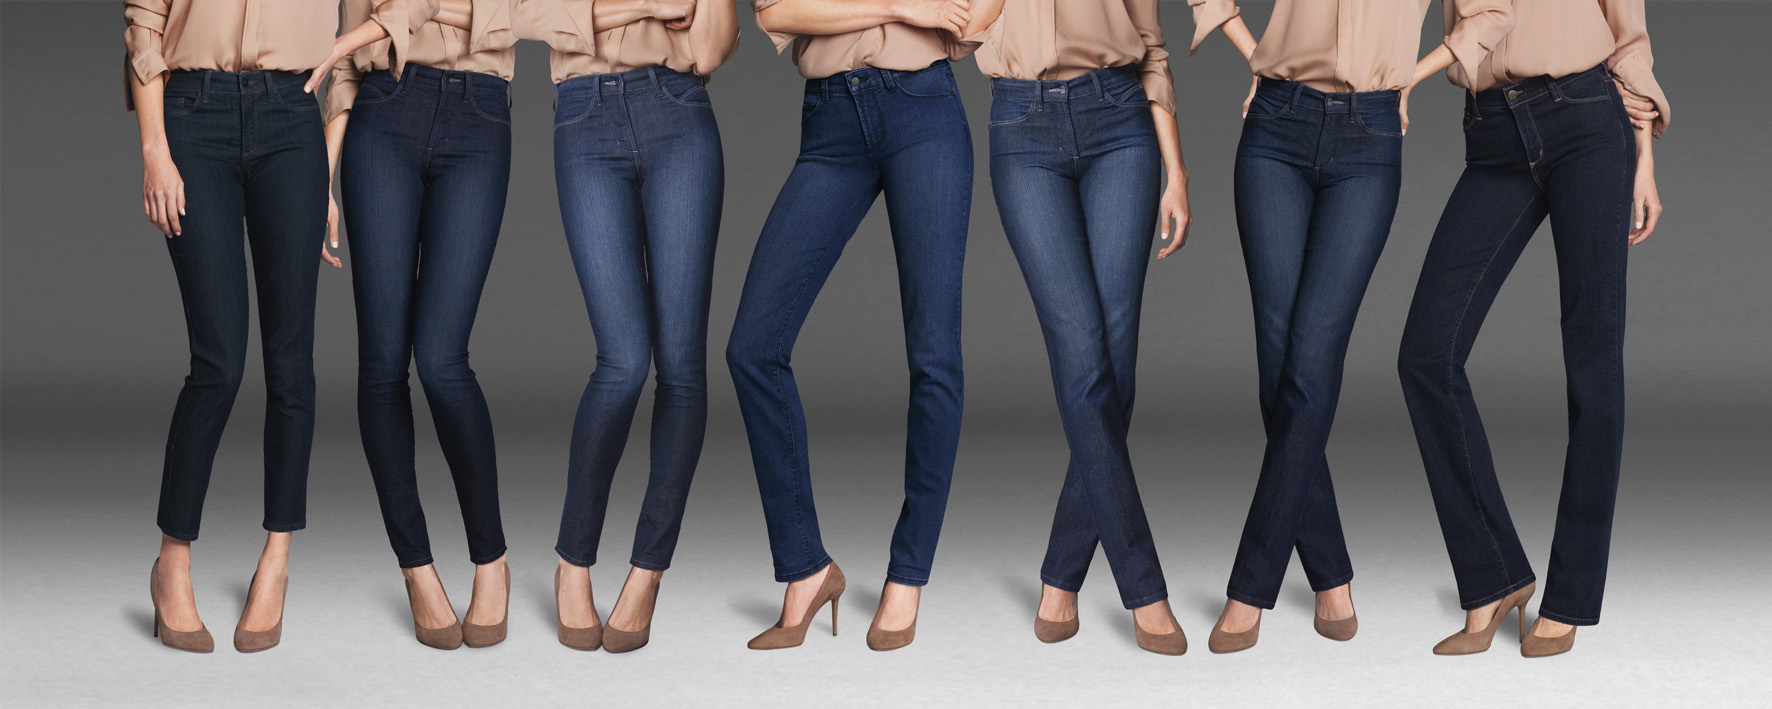 die perfekte jeans